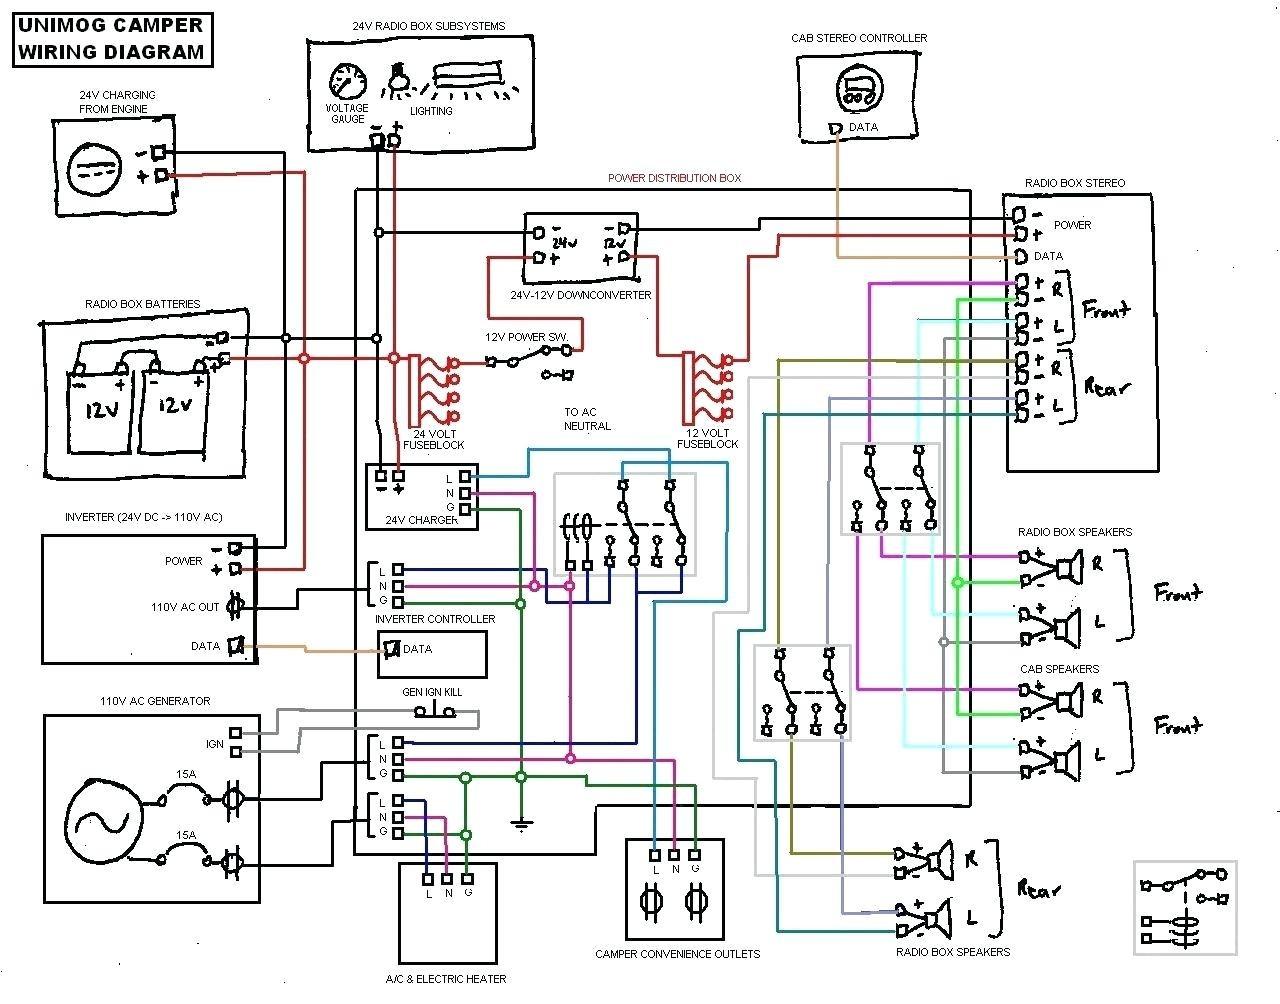 Travel Trailer Wiring Schematic | Free Wiring Diagram